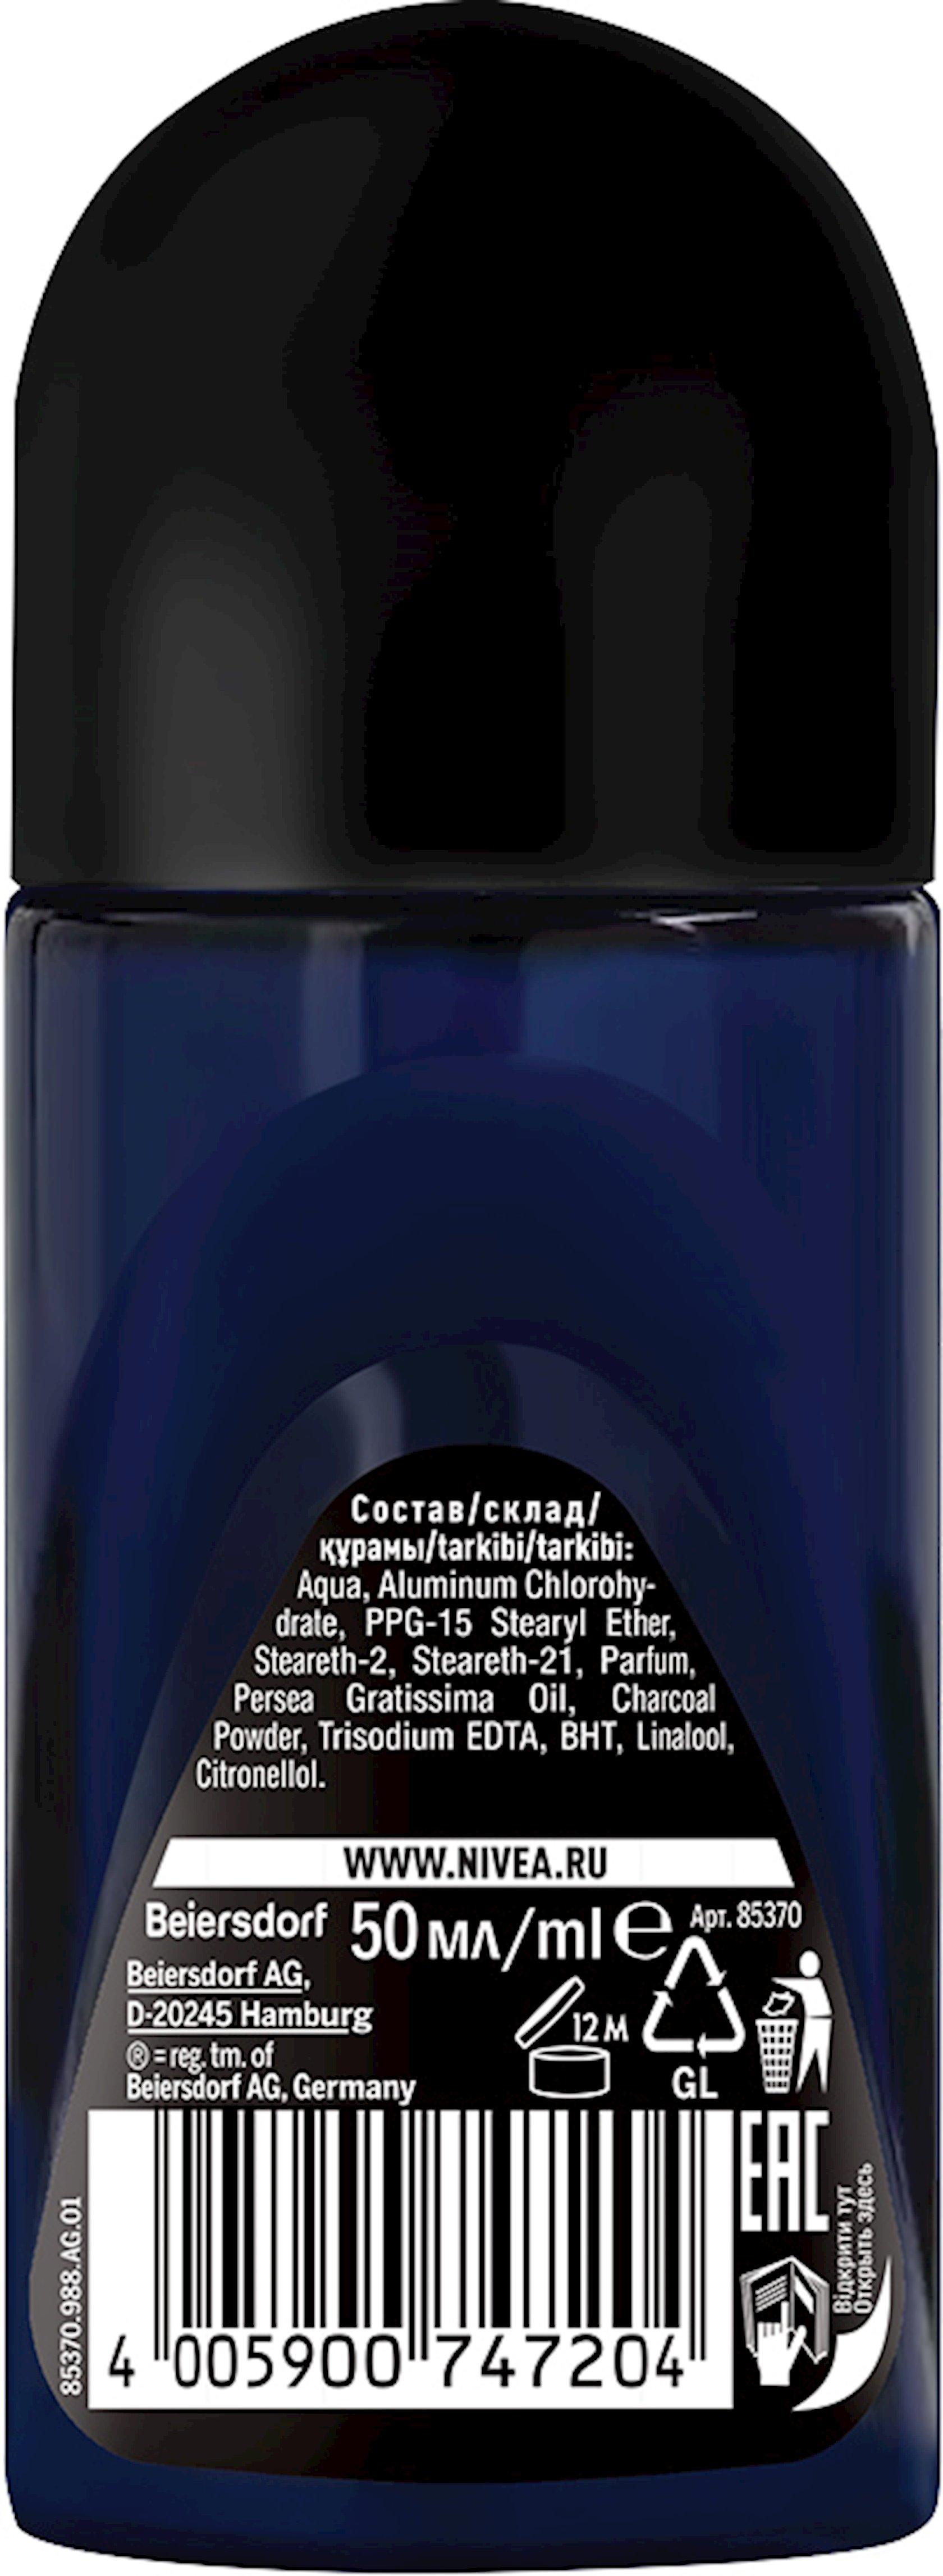 Dezodorant-antiperspirant Nivea Men Ultra Titan antibakterial effekti ilə 50 ml